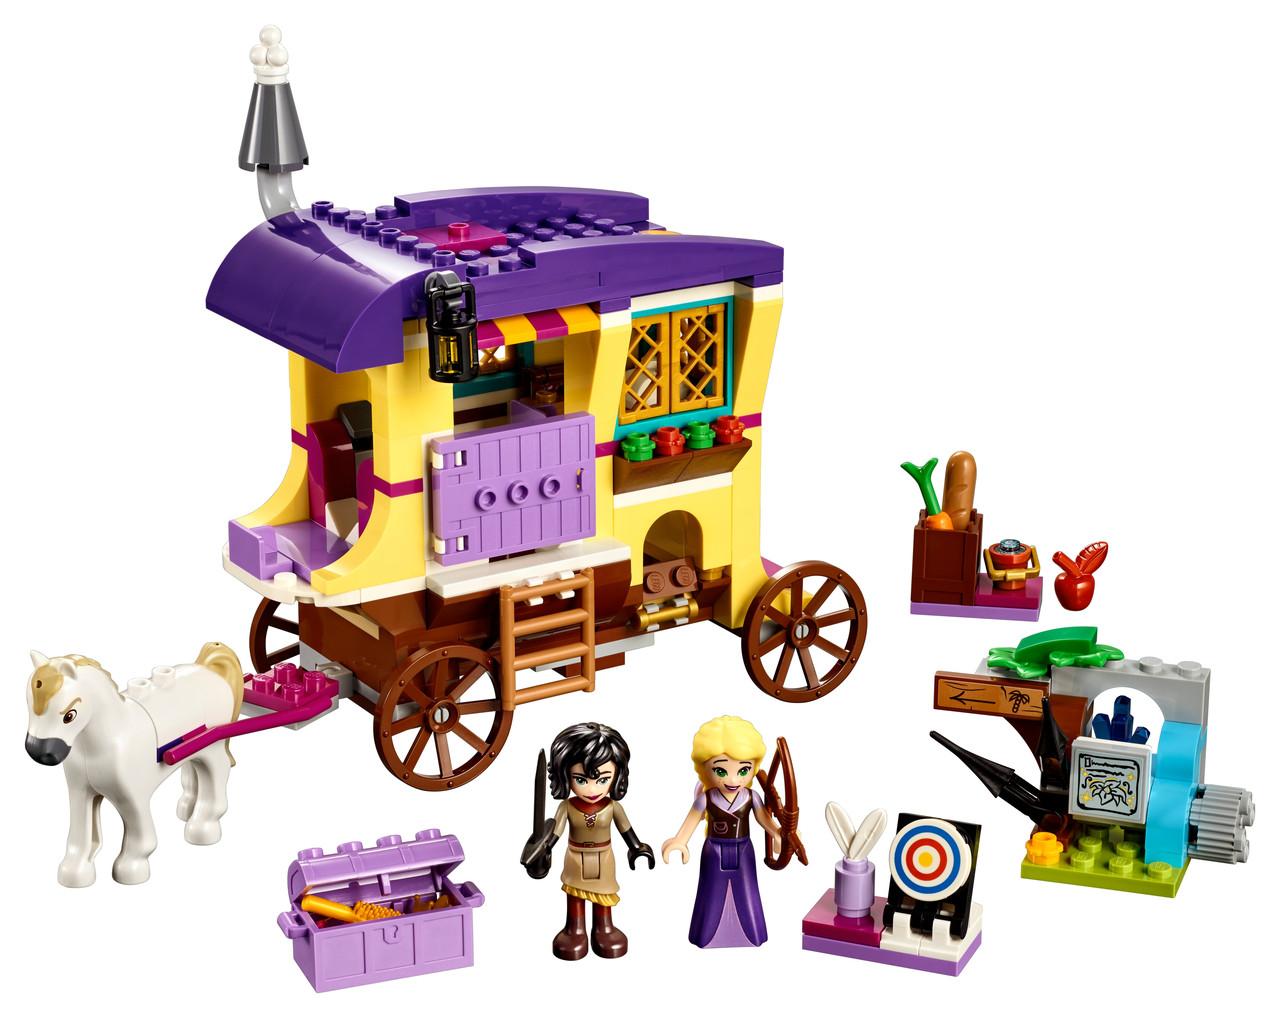 Конструктор LEGO Экипаж Рапунцель 323 деталей (41157)